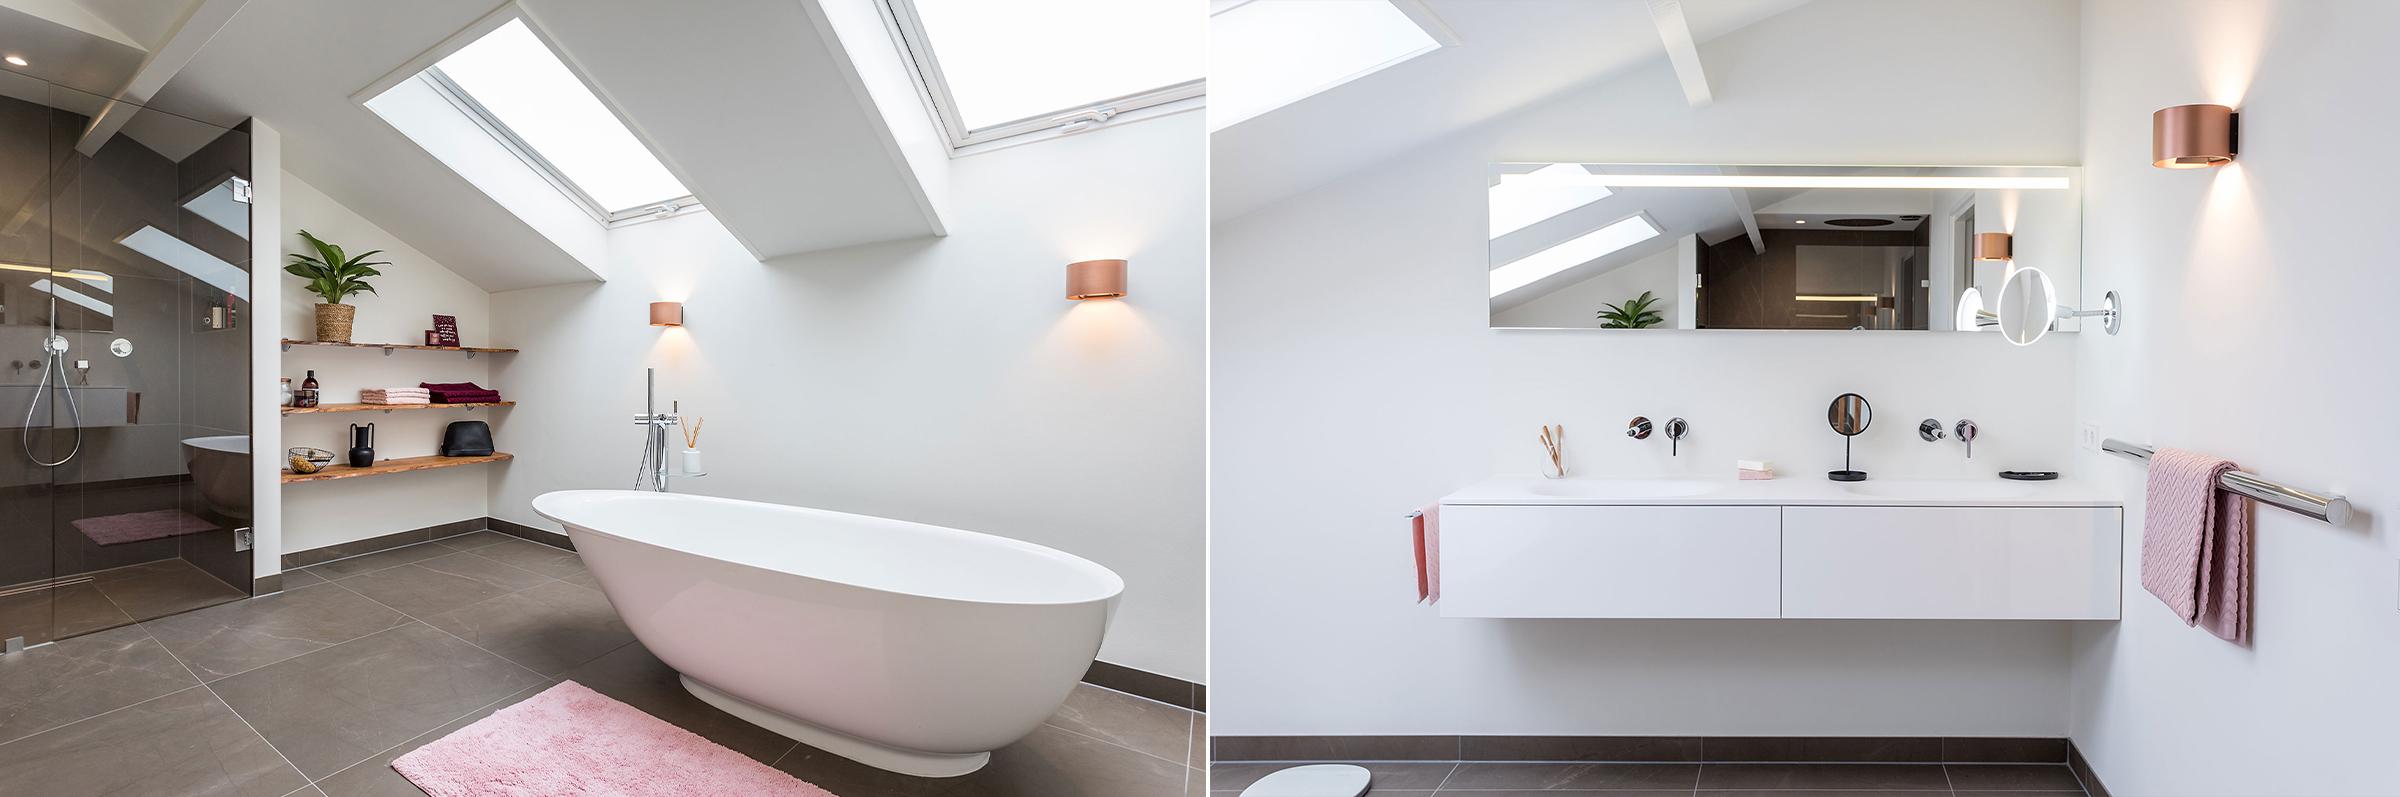 Binnenkijken bij een luxe badkamer in Amersfoort (Landelijk en Aangenaam) - Binnenkijken bij een luxe badkamer in Amersfoort (Landelijk en Aangenaam)